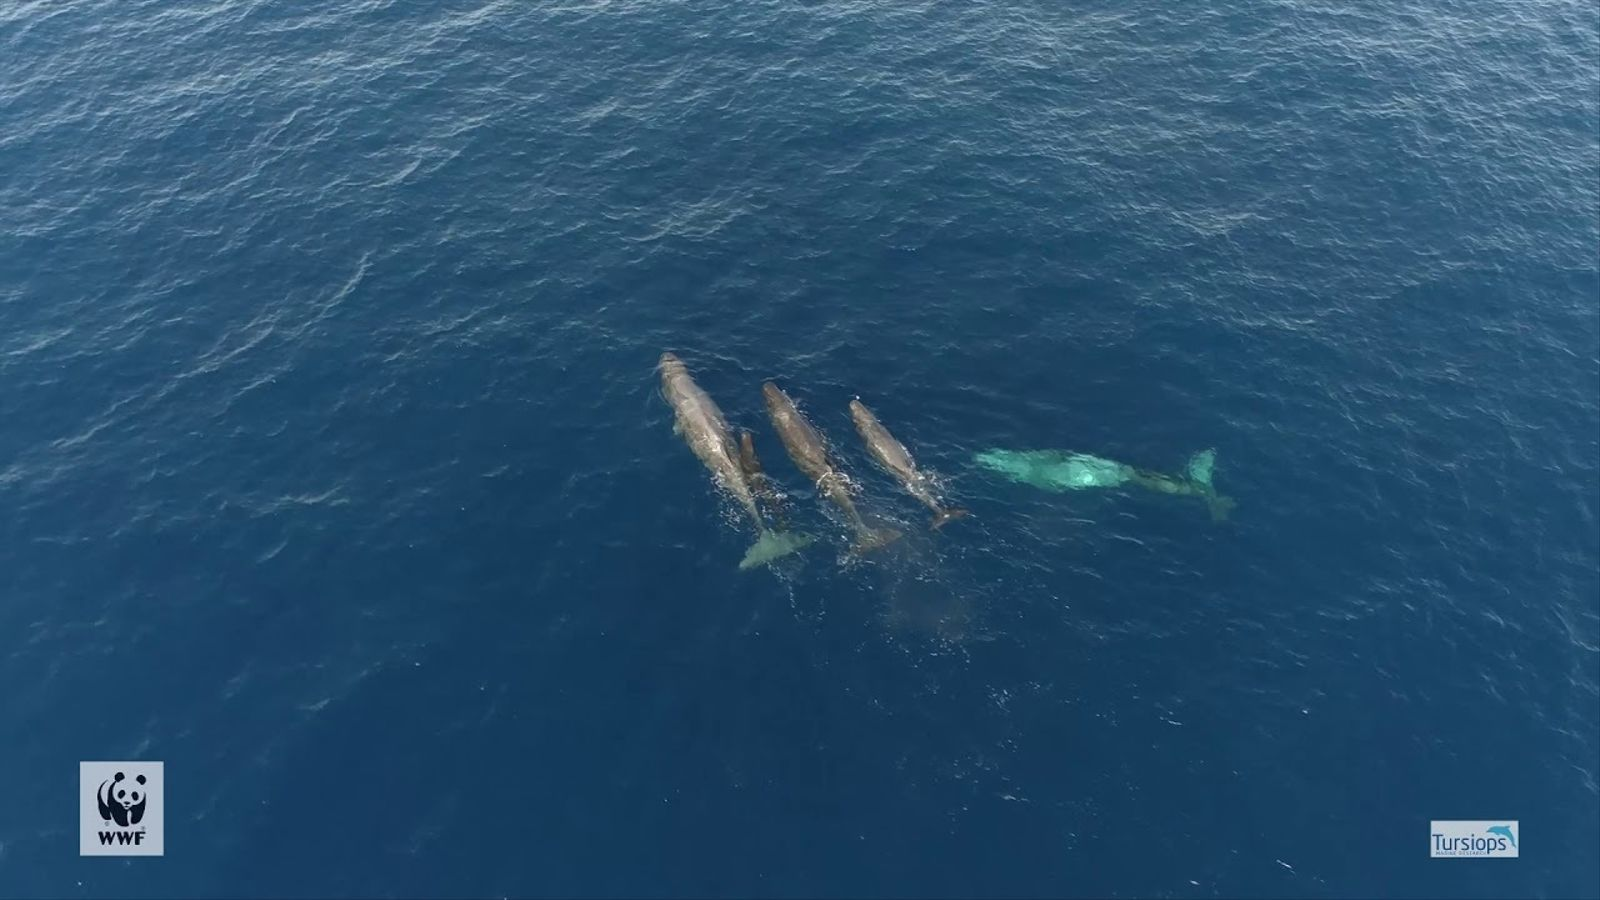 Tursiops i WWF  albiren catxalots a Menorca.